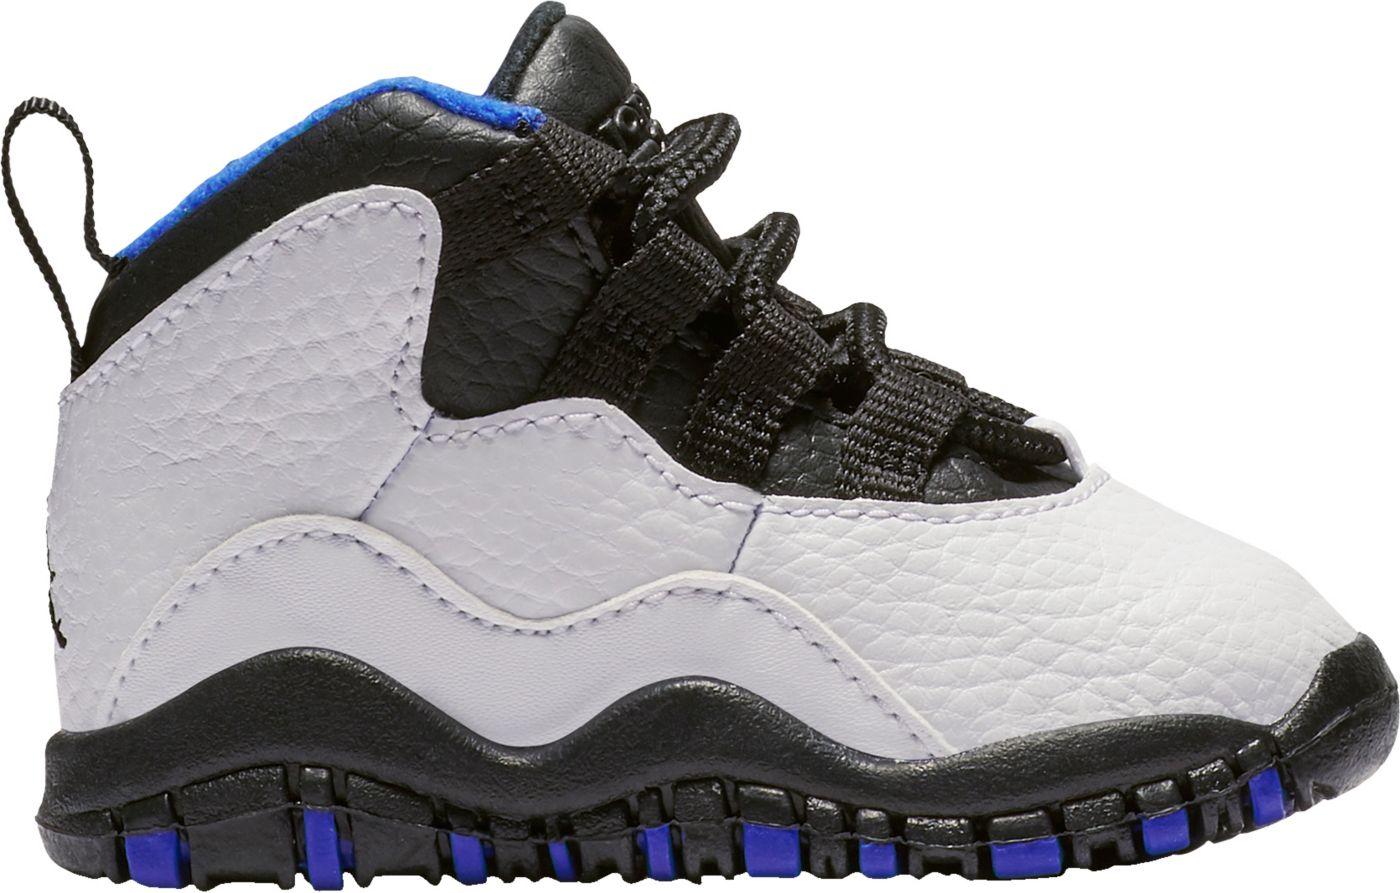 Jordan Toddler Air Jordan Retro 10 Basketball Shoes